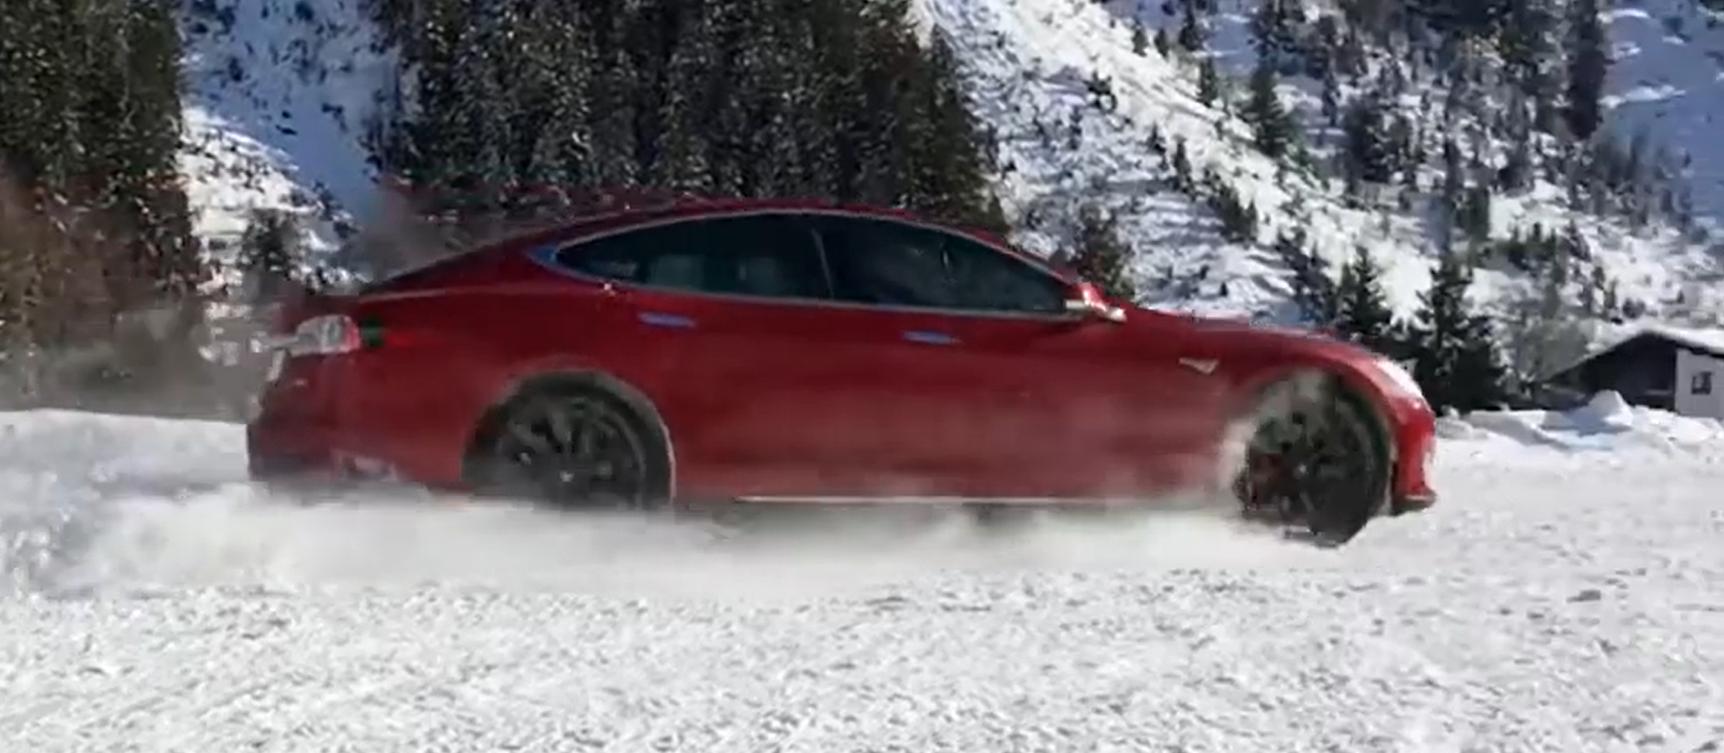 Front- oder Heck-Antrieb beim eAuto für den Winter in bergiger Landschaft? VW ID.3 & Hyundai Kona mit klarem Ergebnis in verschneiten Bergen getestet - Wende!